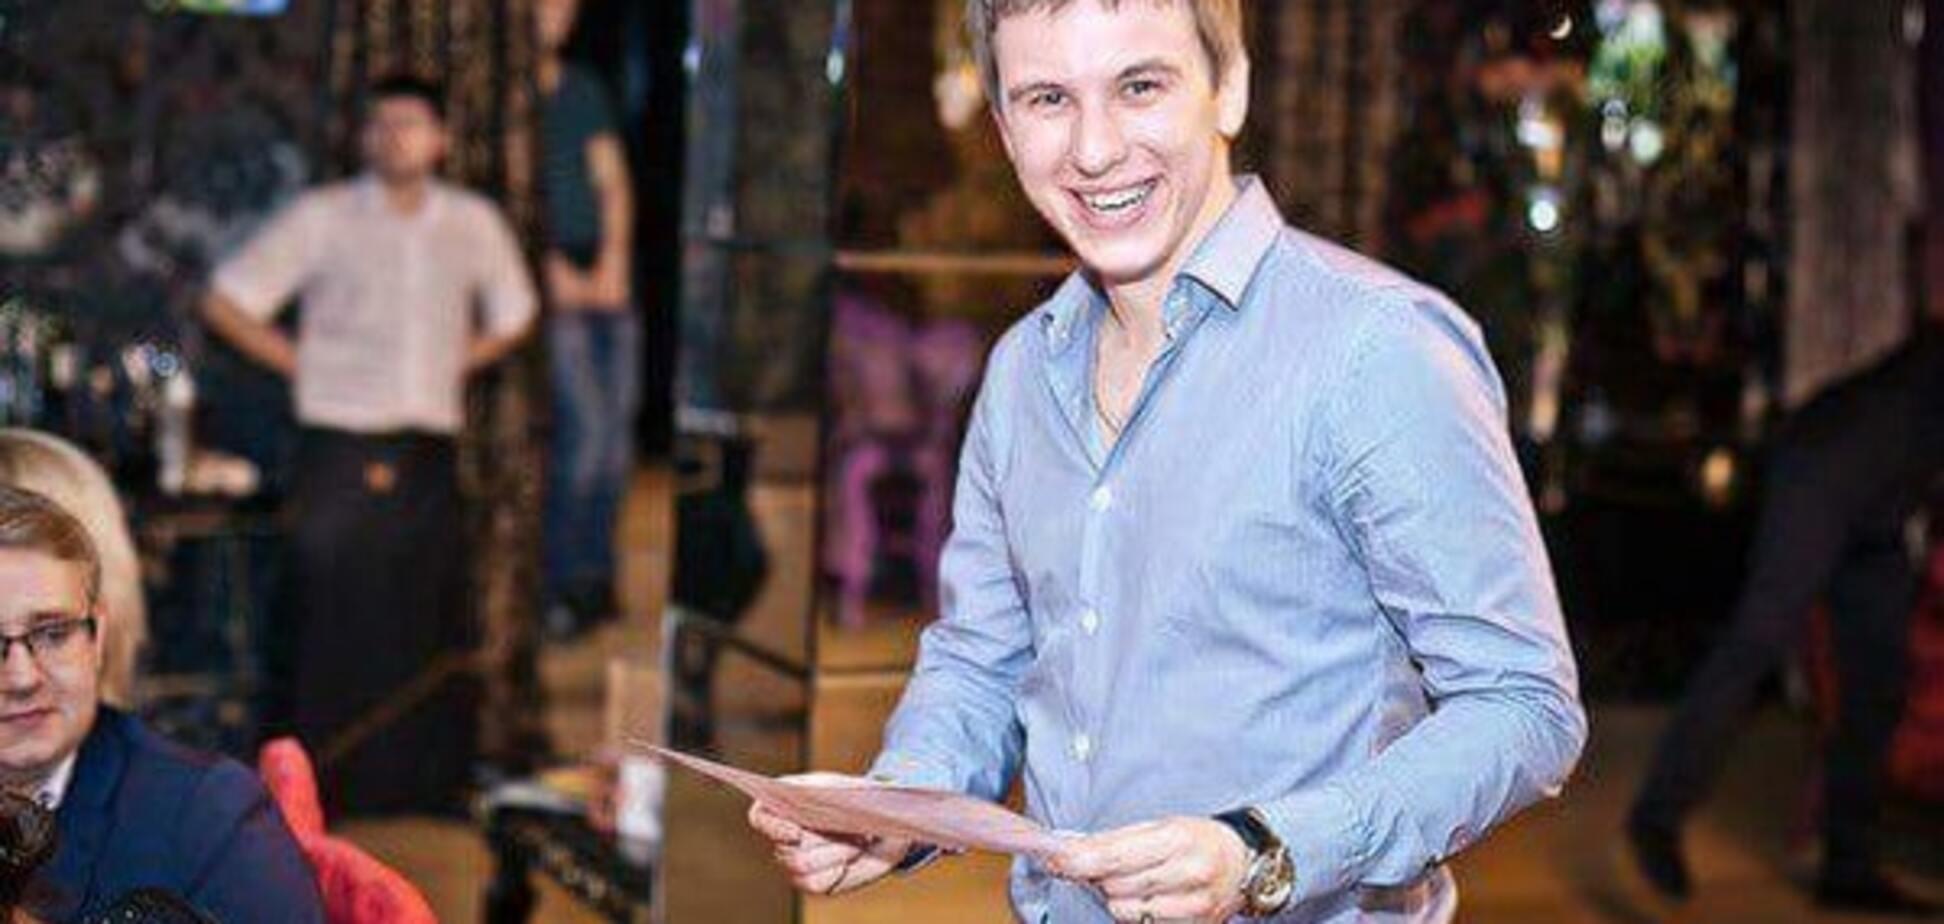 Опасный BlaBlaCar: в Киеве ищут парня, пропавшего с попутчиками. Фото водителя